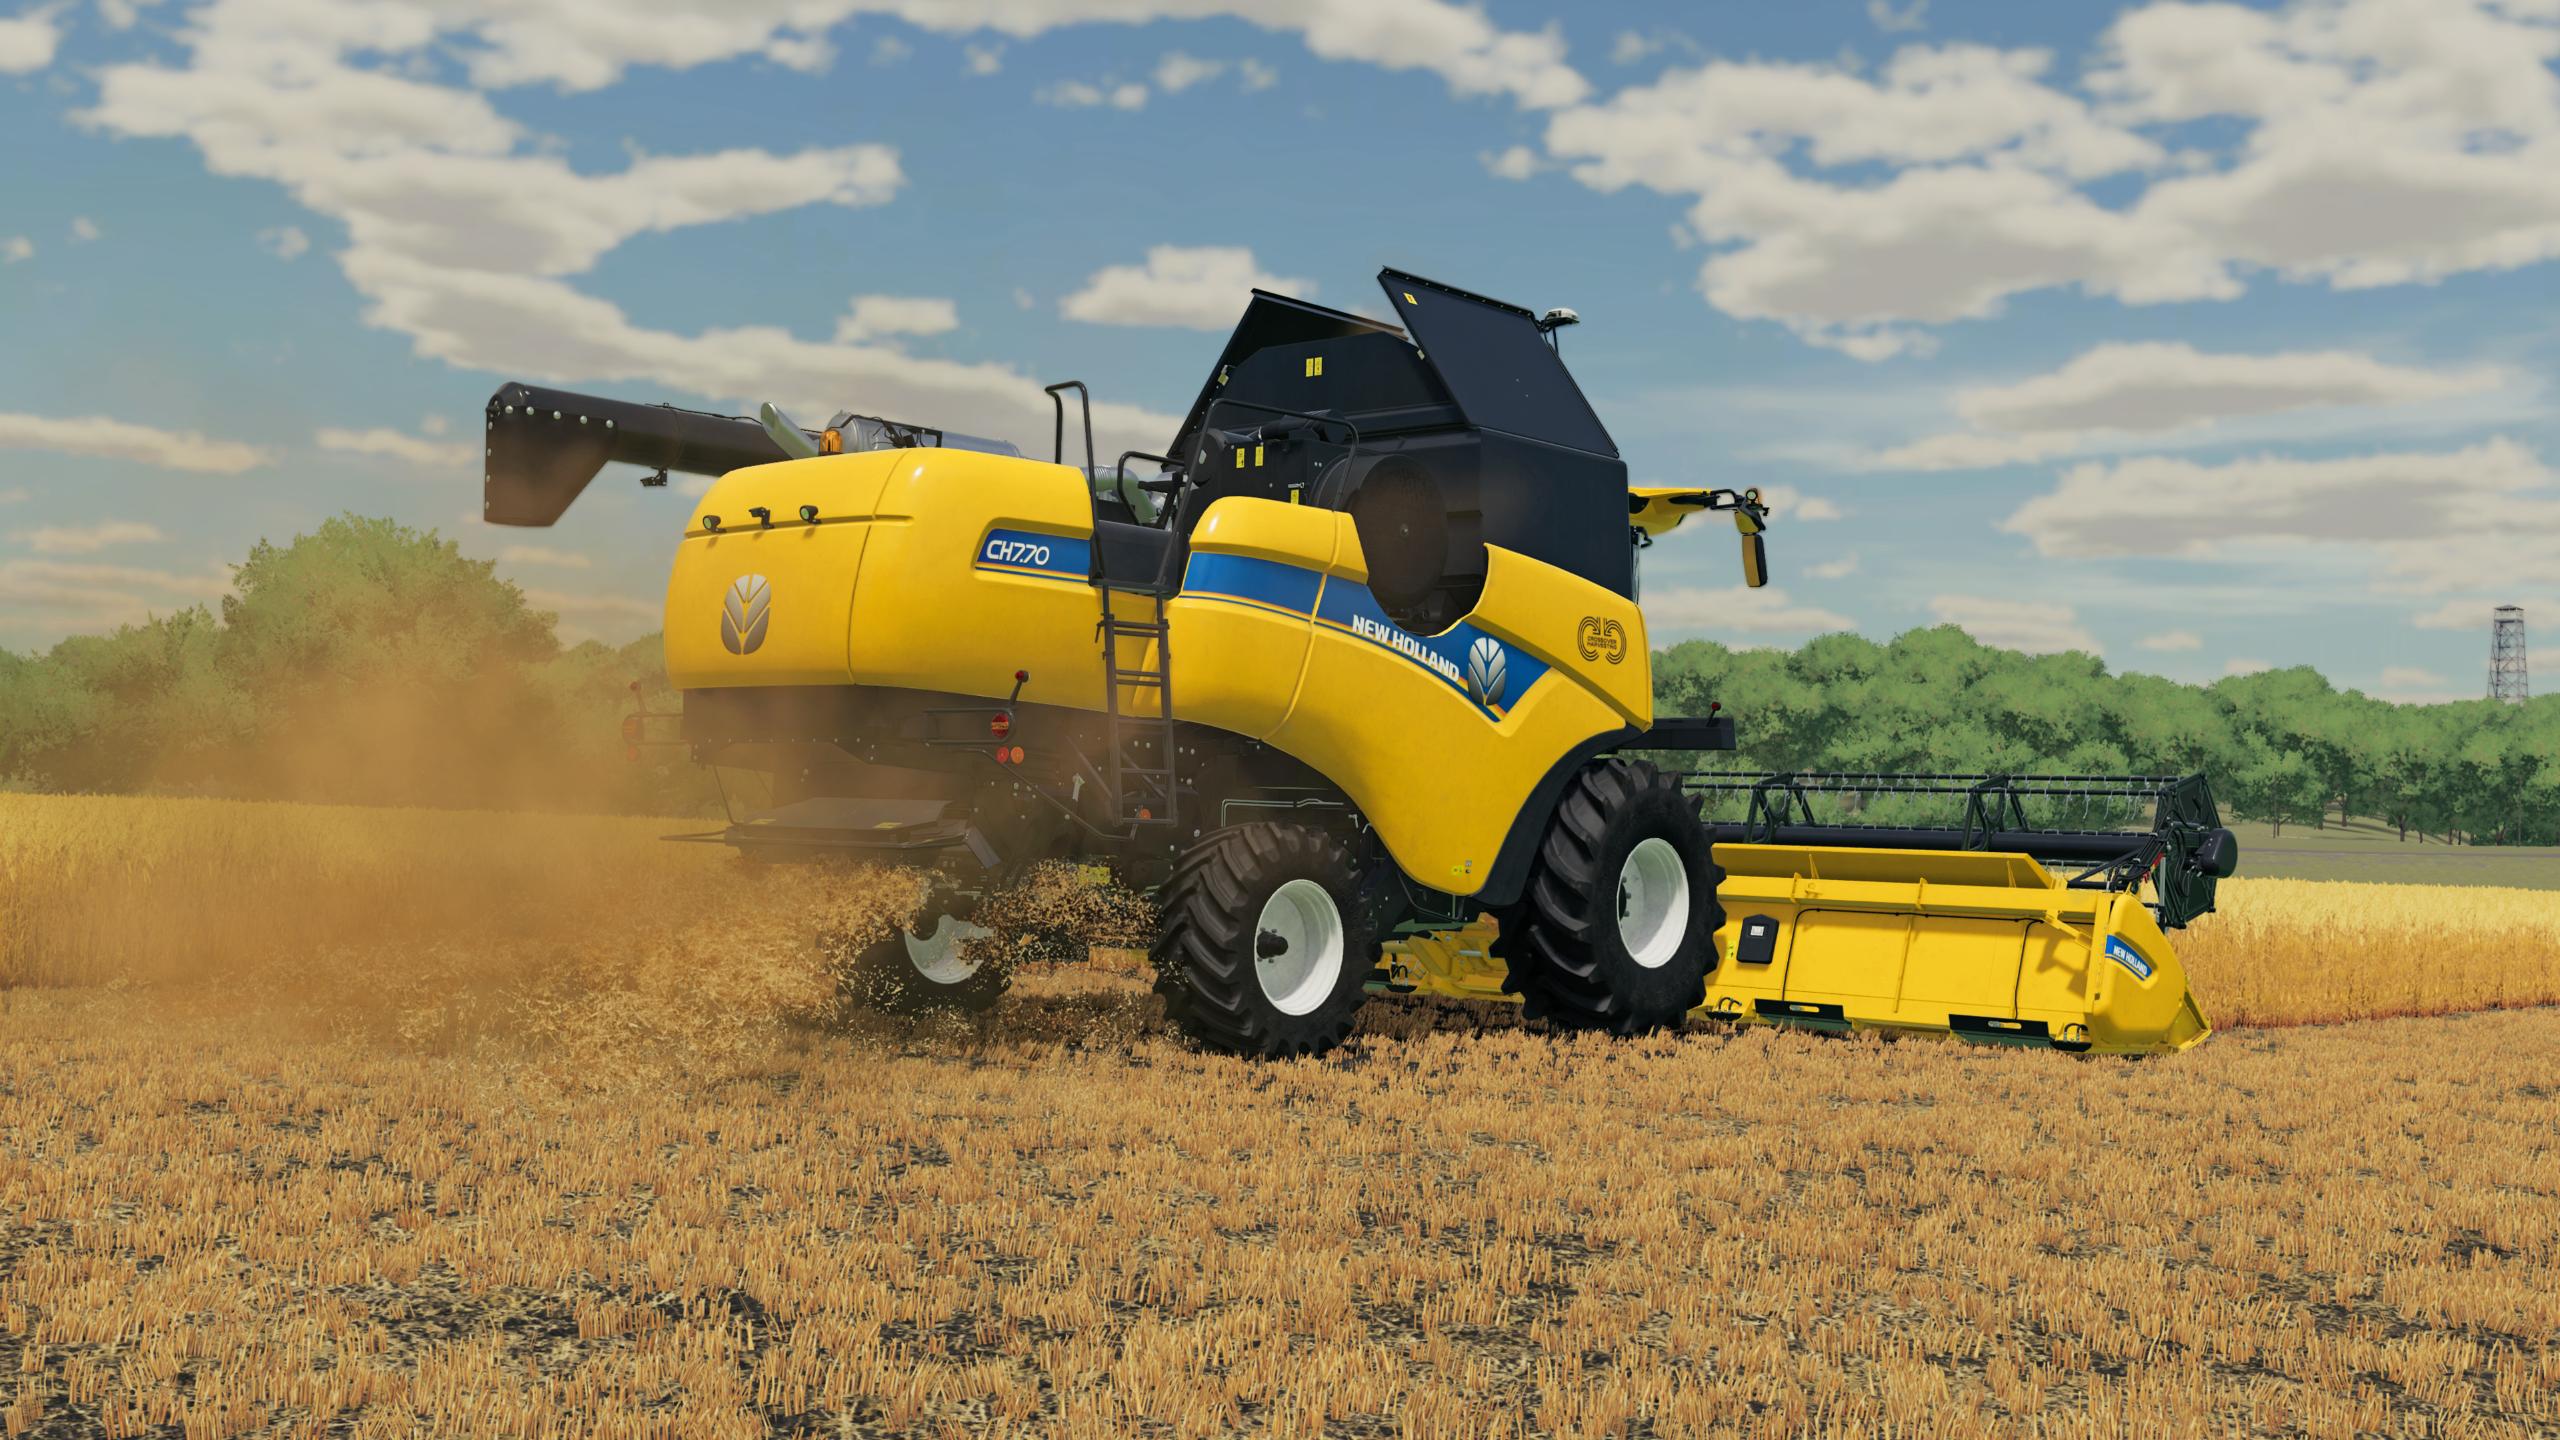 Uudistettu Farming Simulator 22 -maatalouspeli tulossa suomenkielisenä